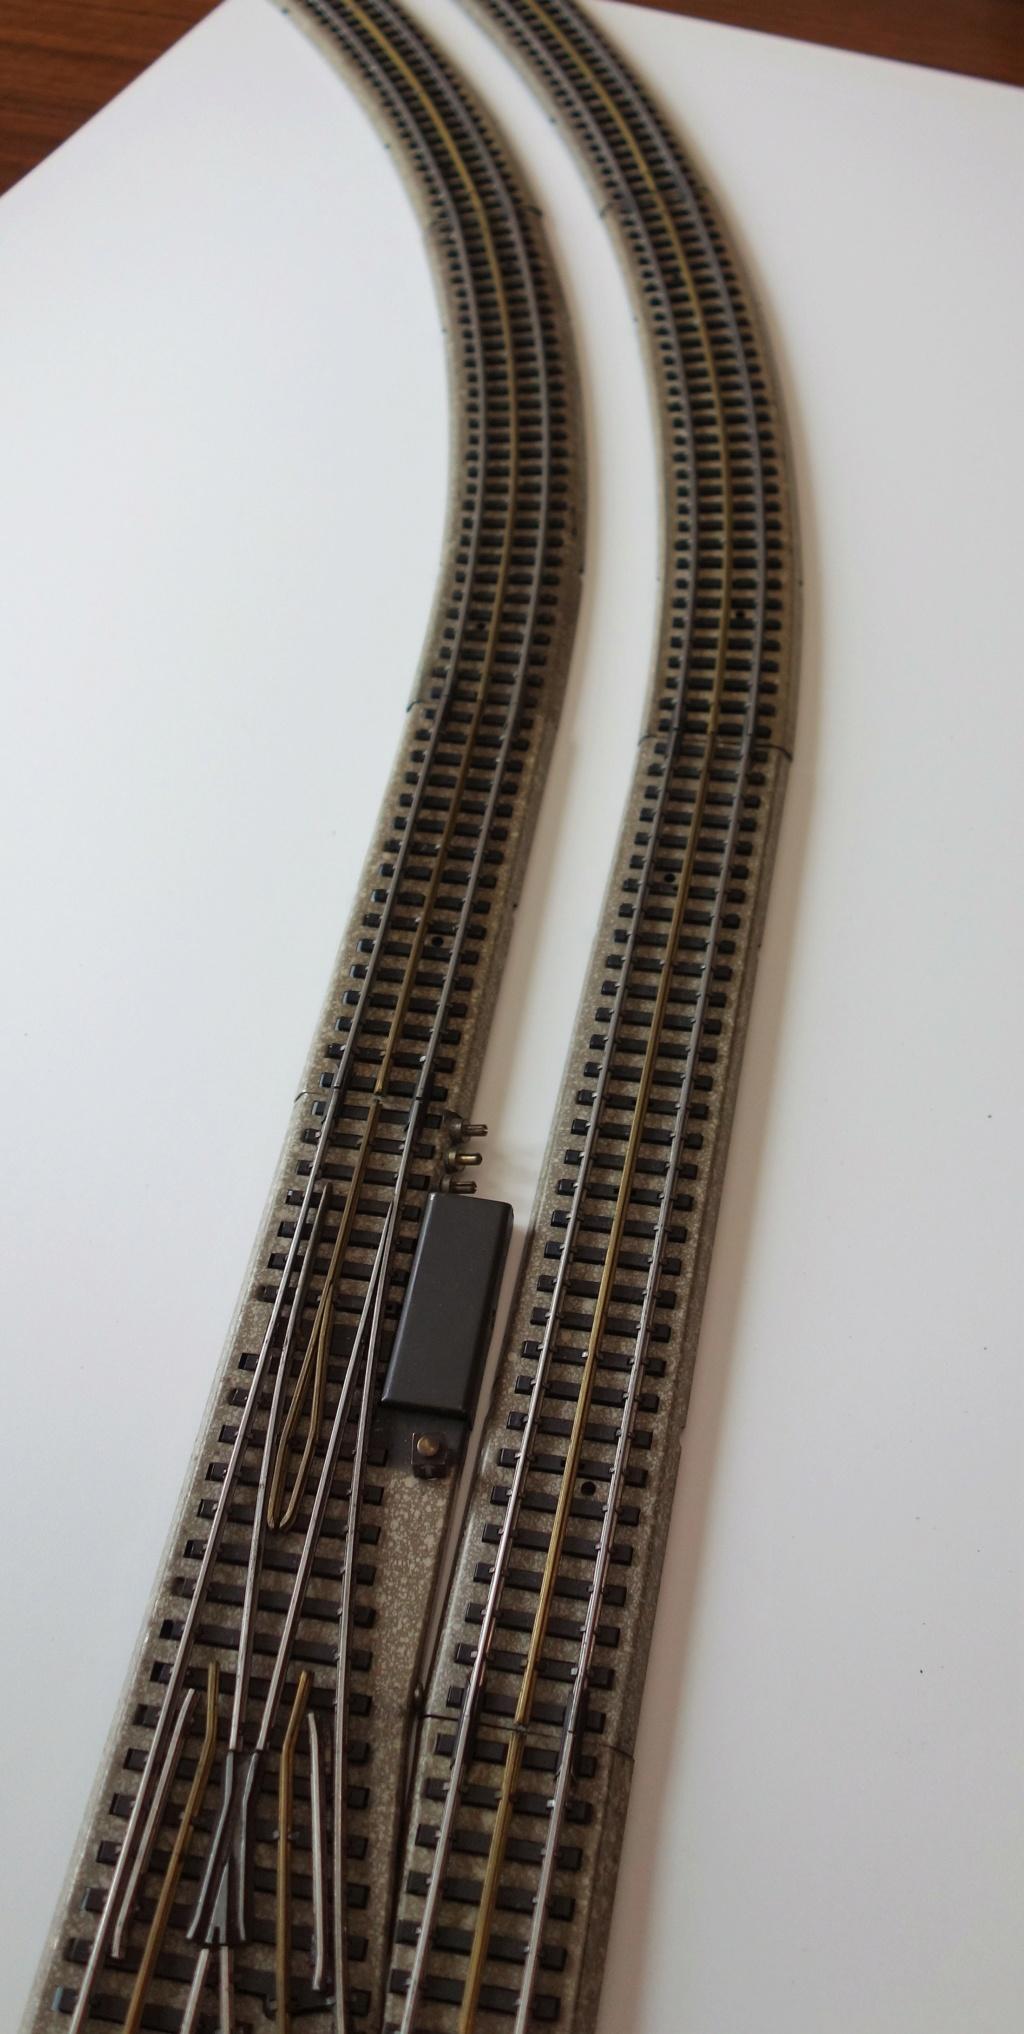 Voies Märklin anciennes et voie VB Trois rails - Page 3 Dsc01528